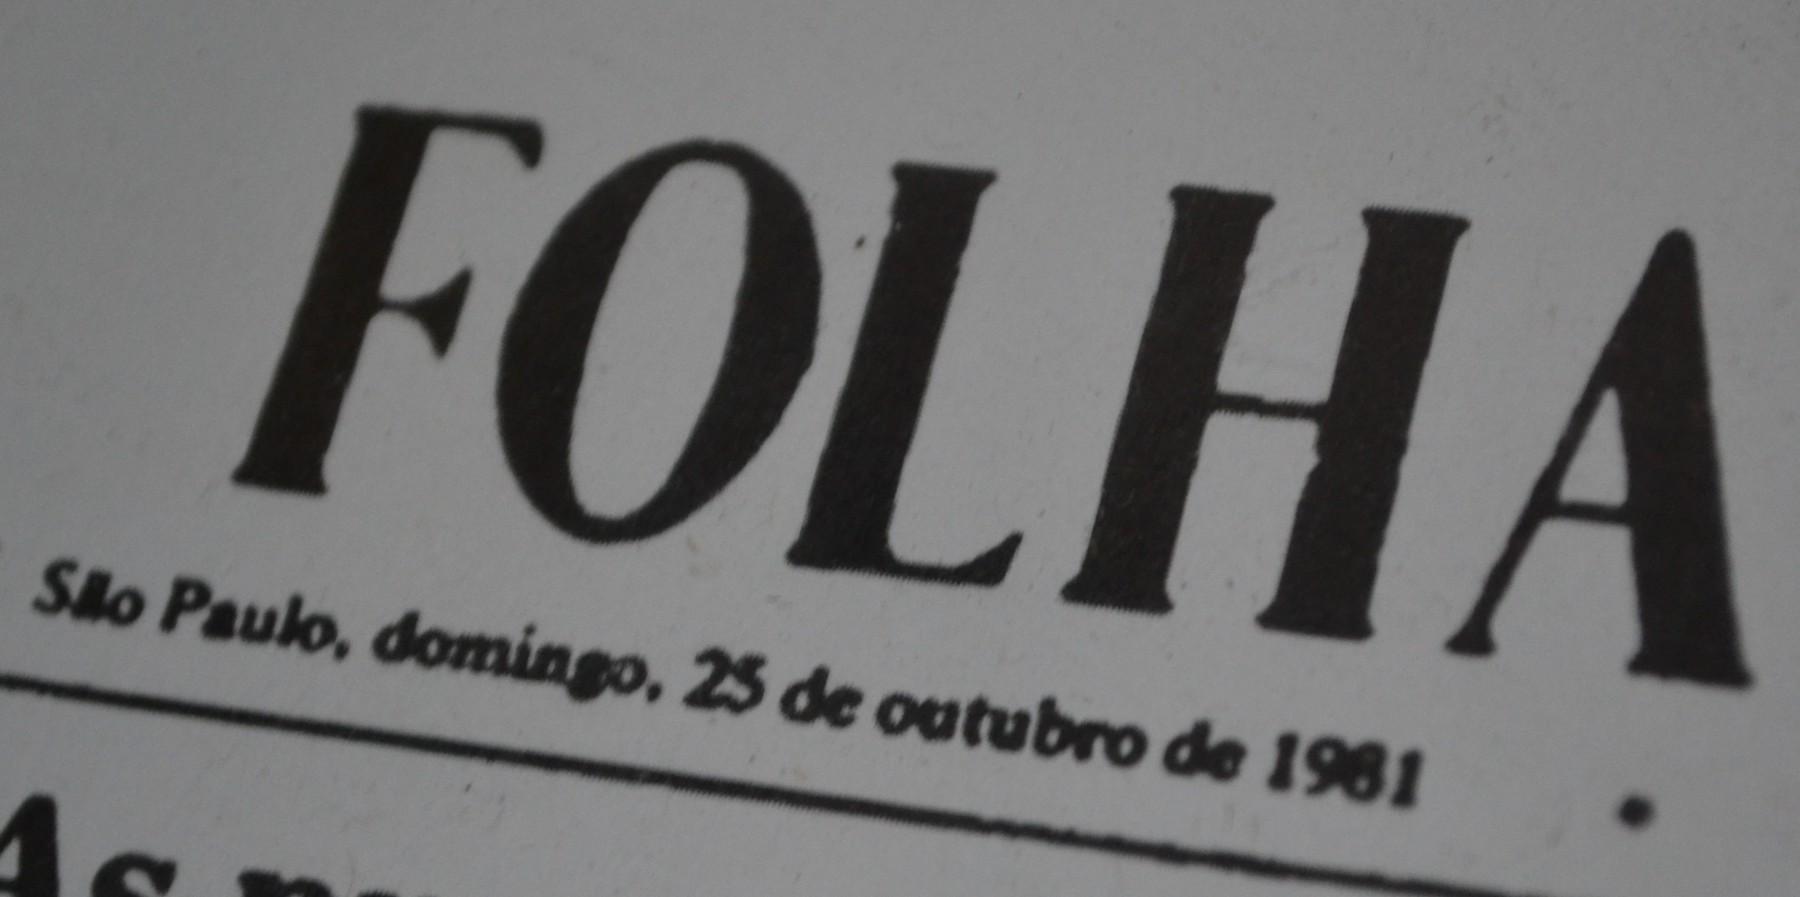 FOLHA São Paulo, domingo, 25 de outubro de 1981